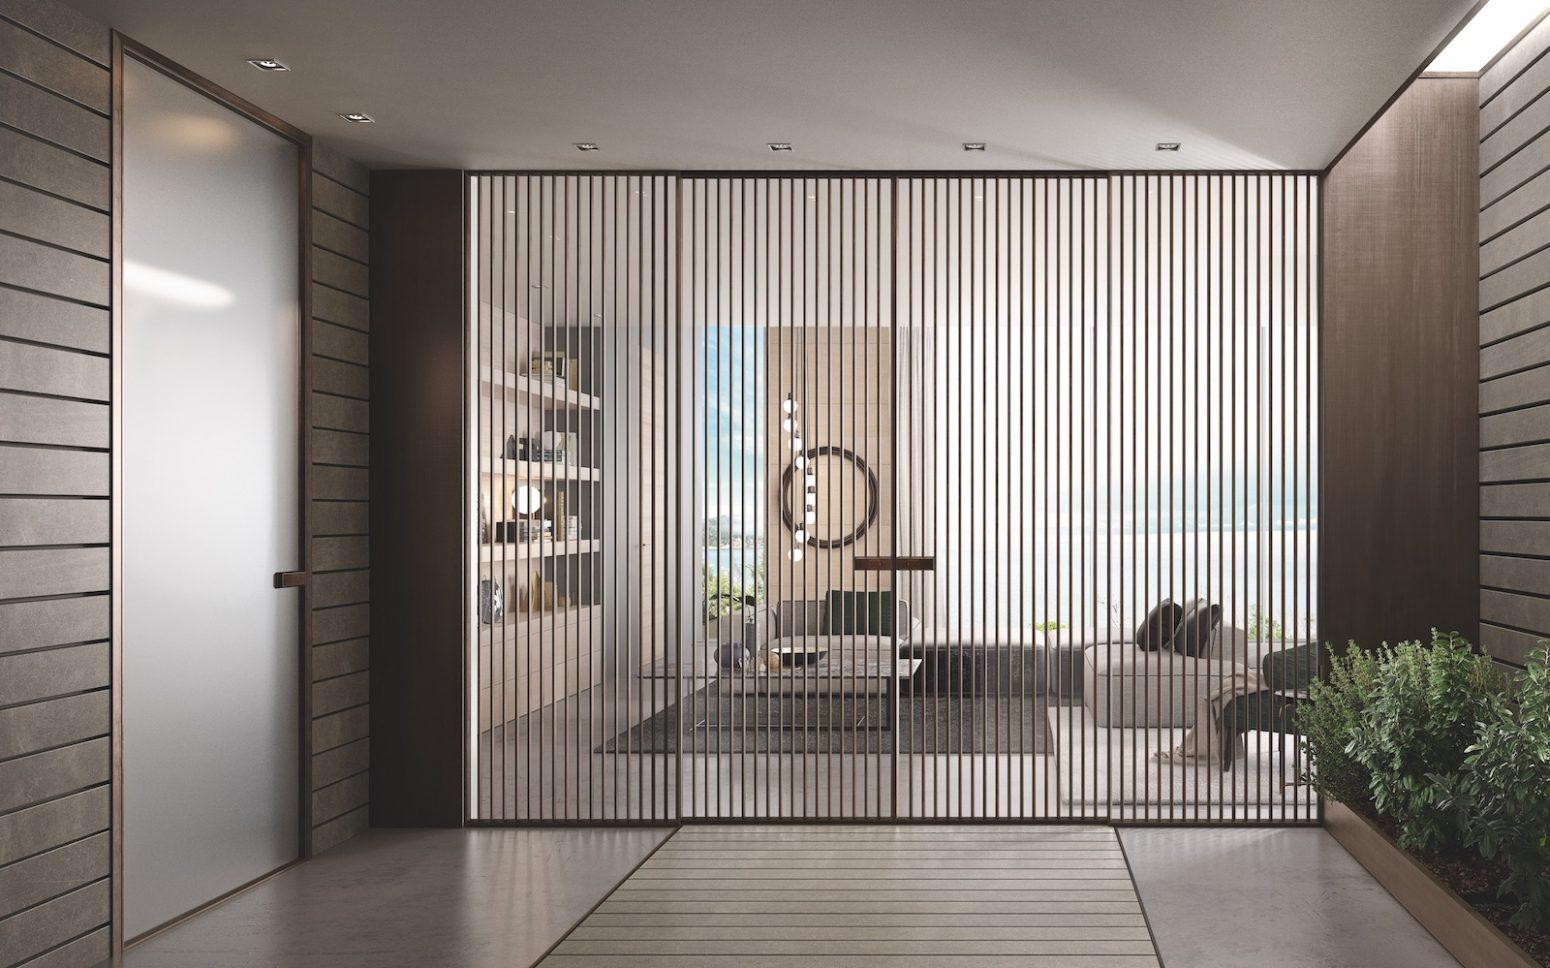 Cucina Con Vetrata Scorrevole porte in vetro scorrevoli per case moderne ed eleganti